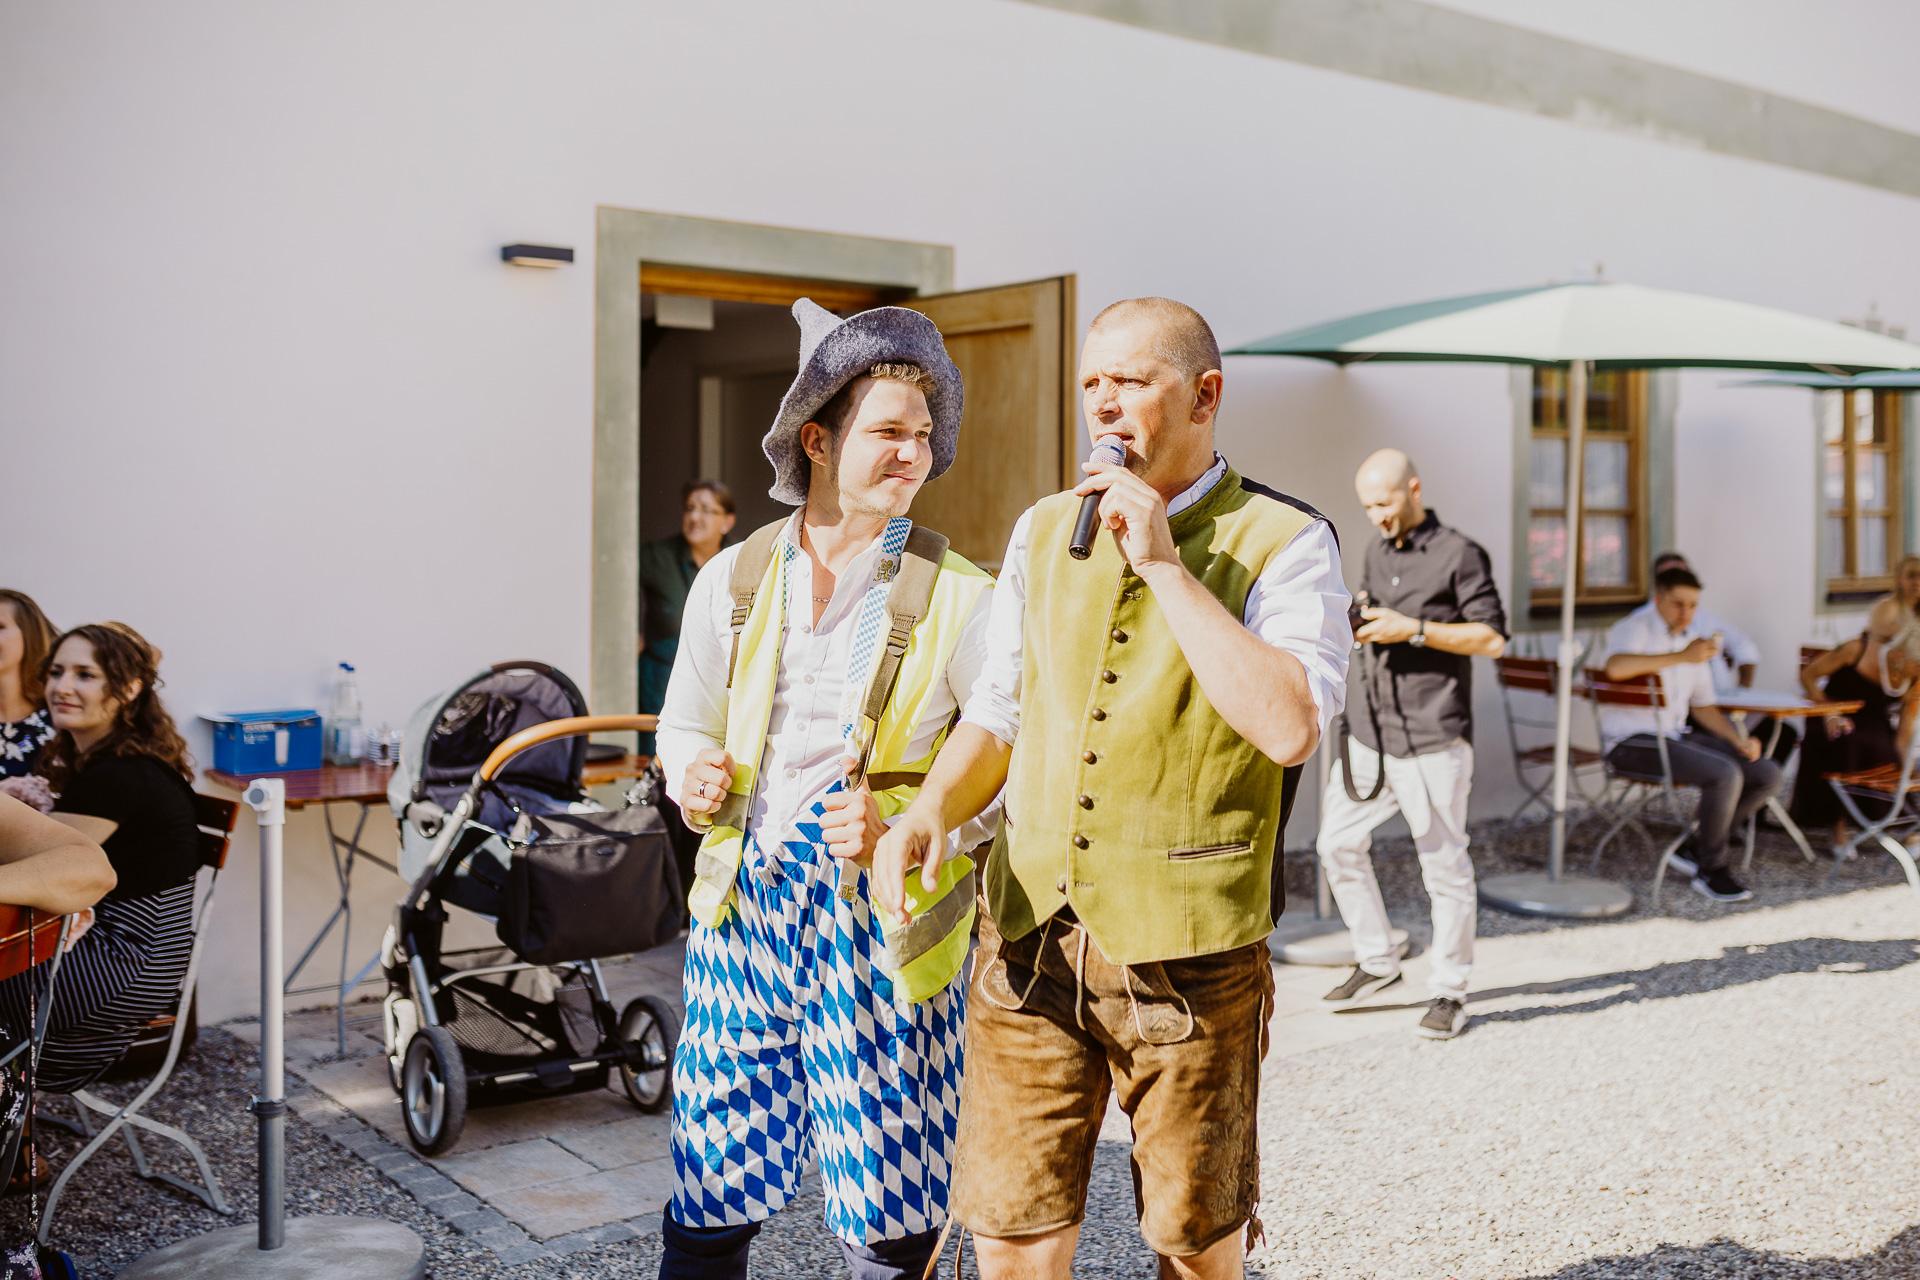 Alexander Utz, Fotografie, Hochzeit, Augsburg, Brautkleid, Brautstrauss-74